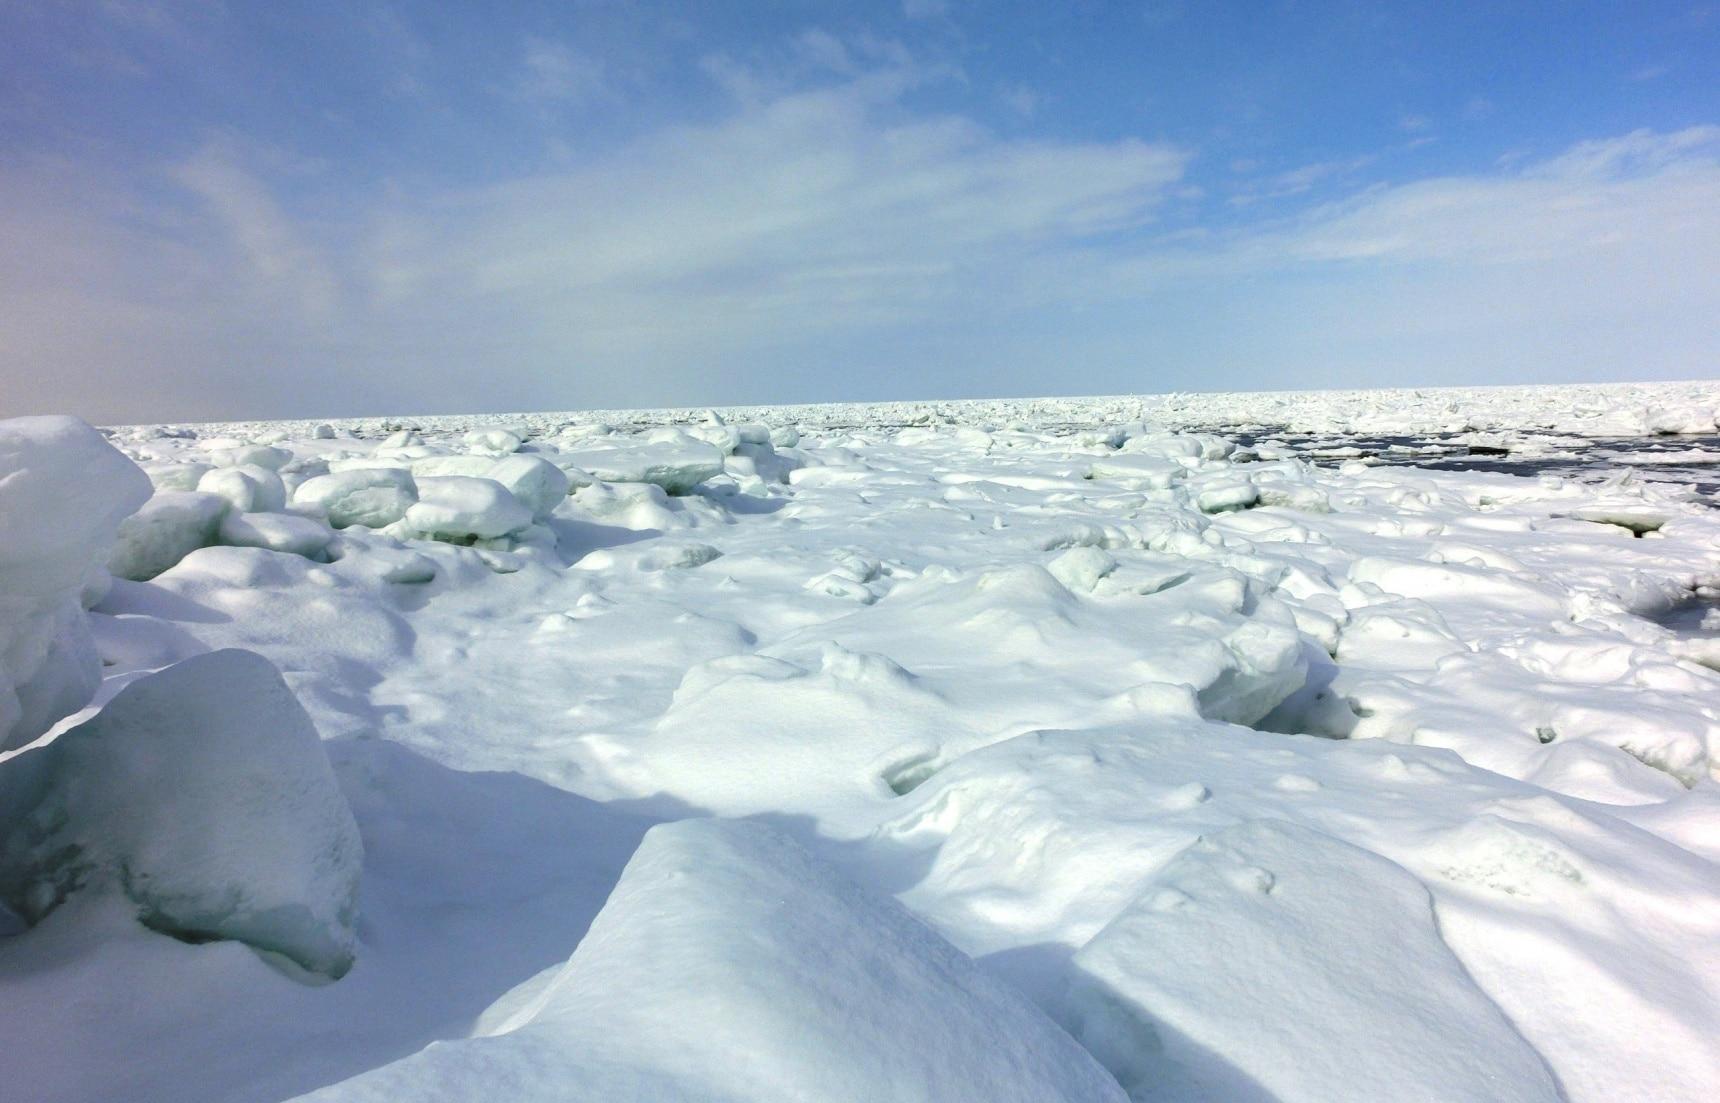 冰上的知床,在北方寒夜里大雪纷飞的世界遗产